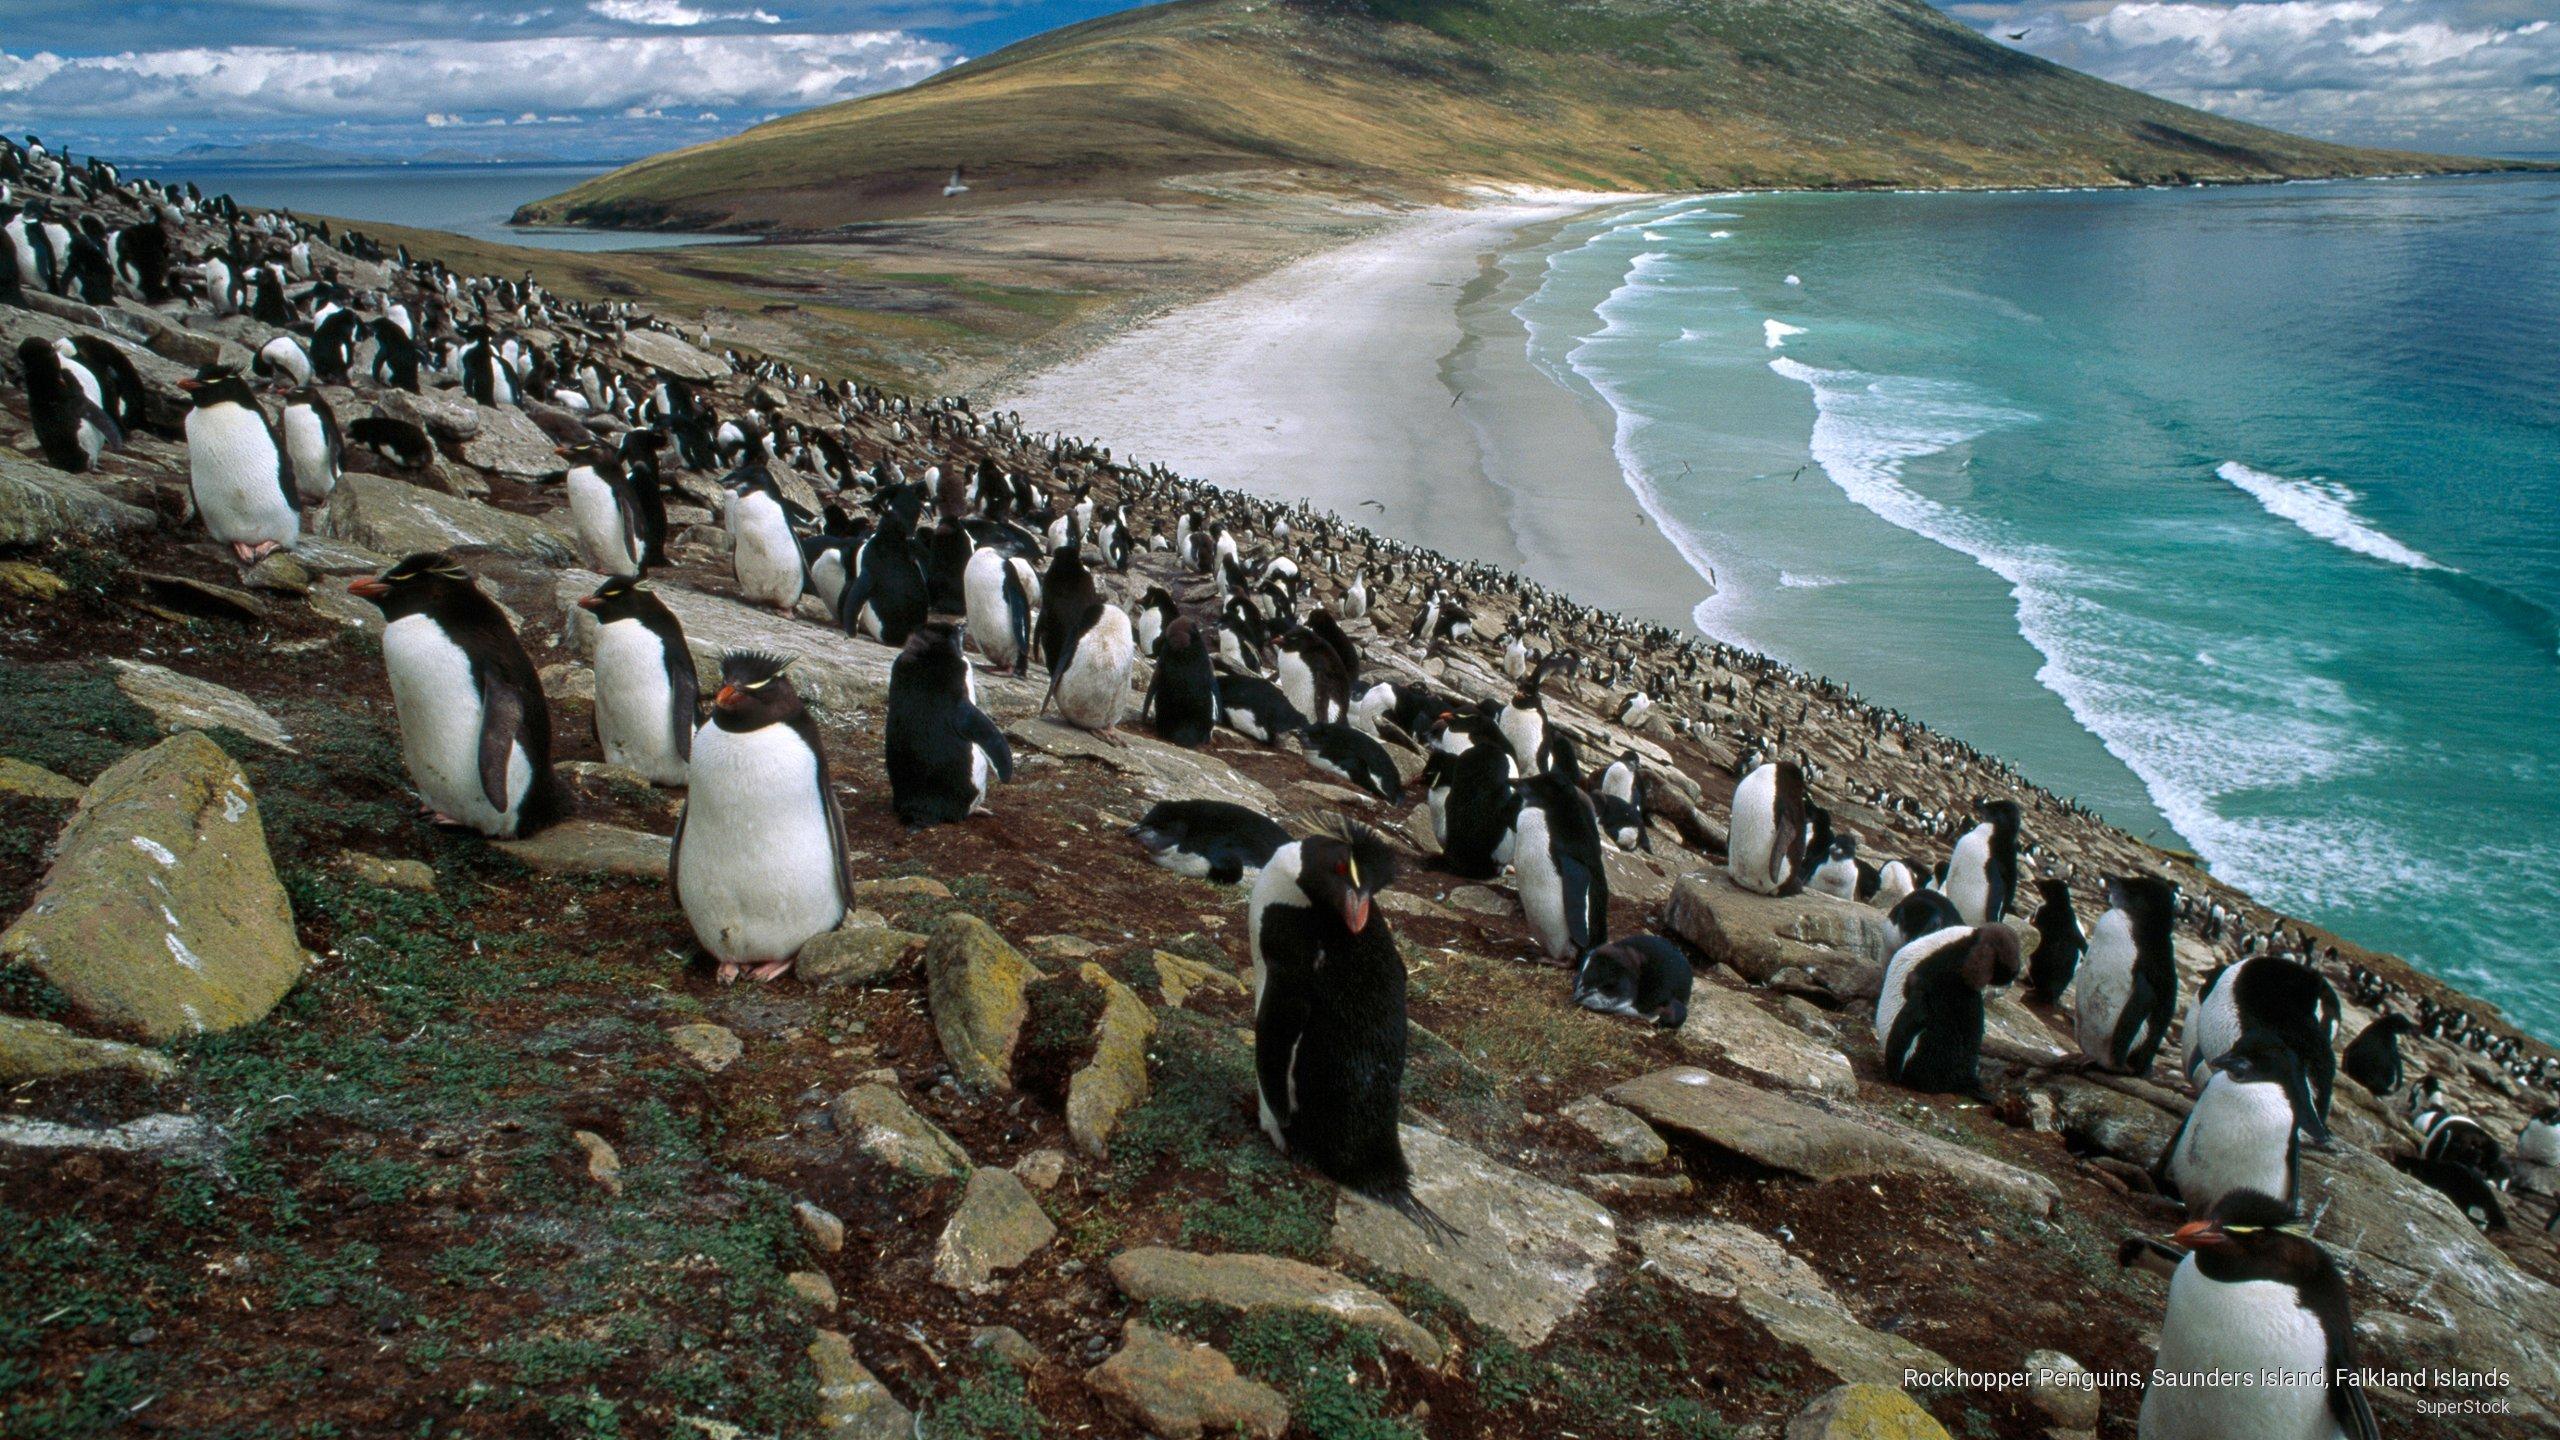 Rockhopper Penguins, Saunders Island, Falkland Islands